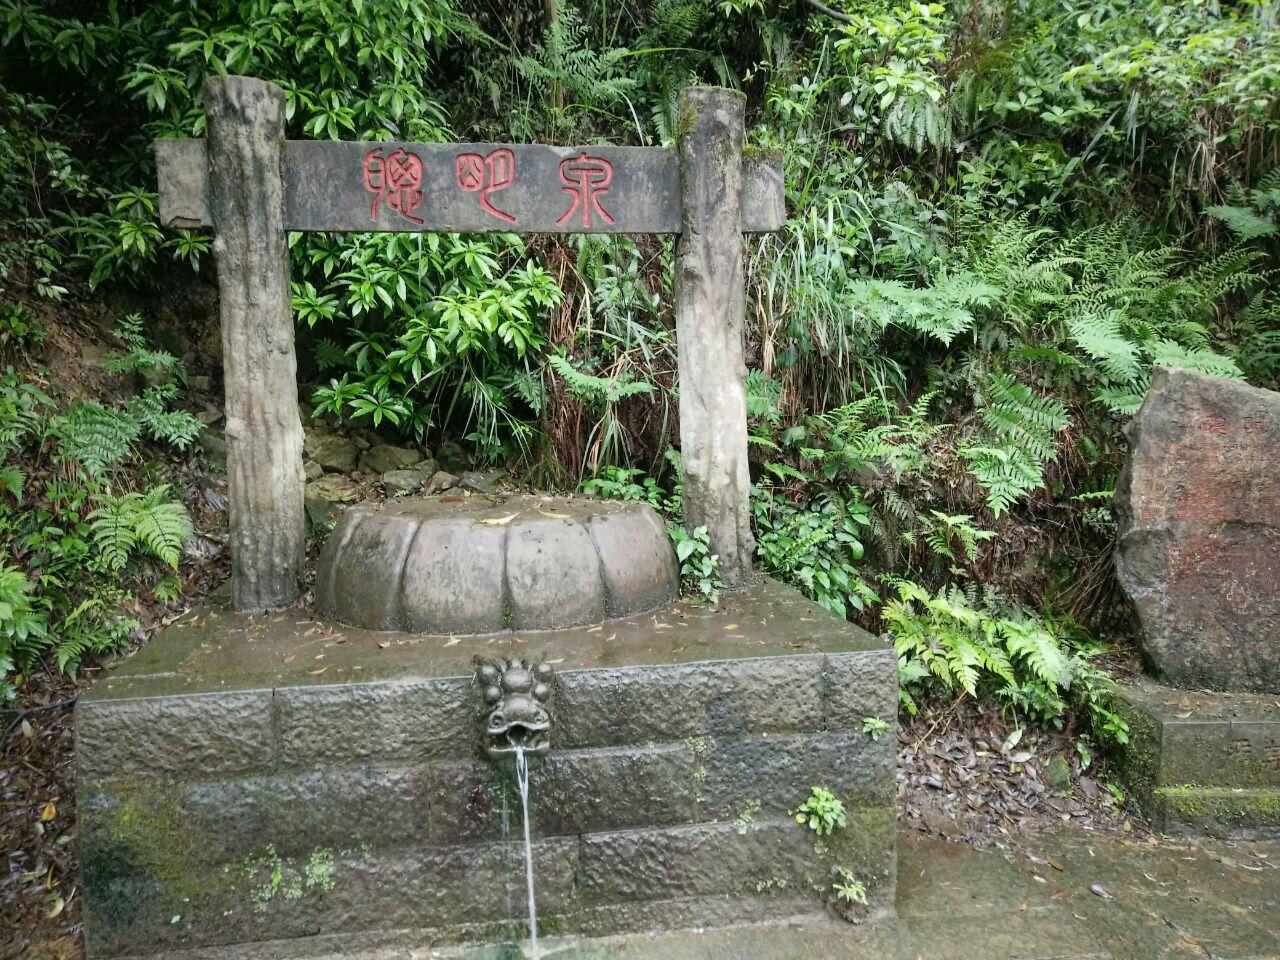 【携程攻略】重庆歌乐山家森林公园景点